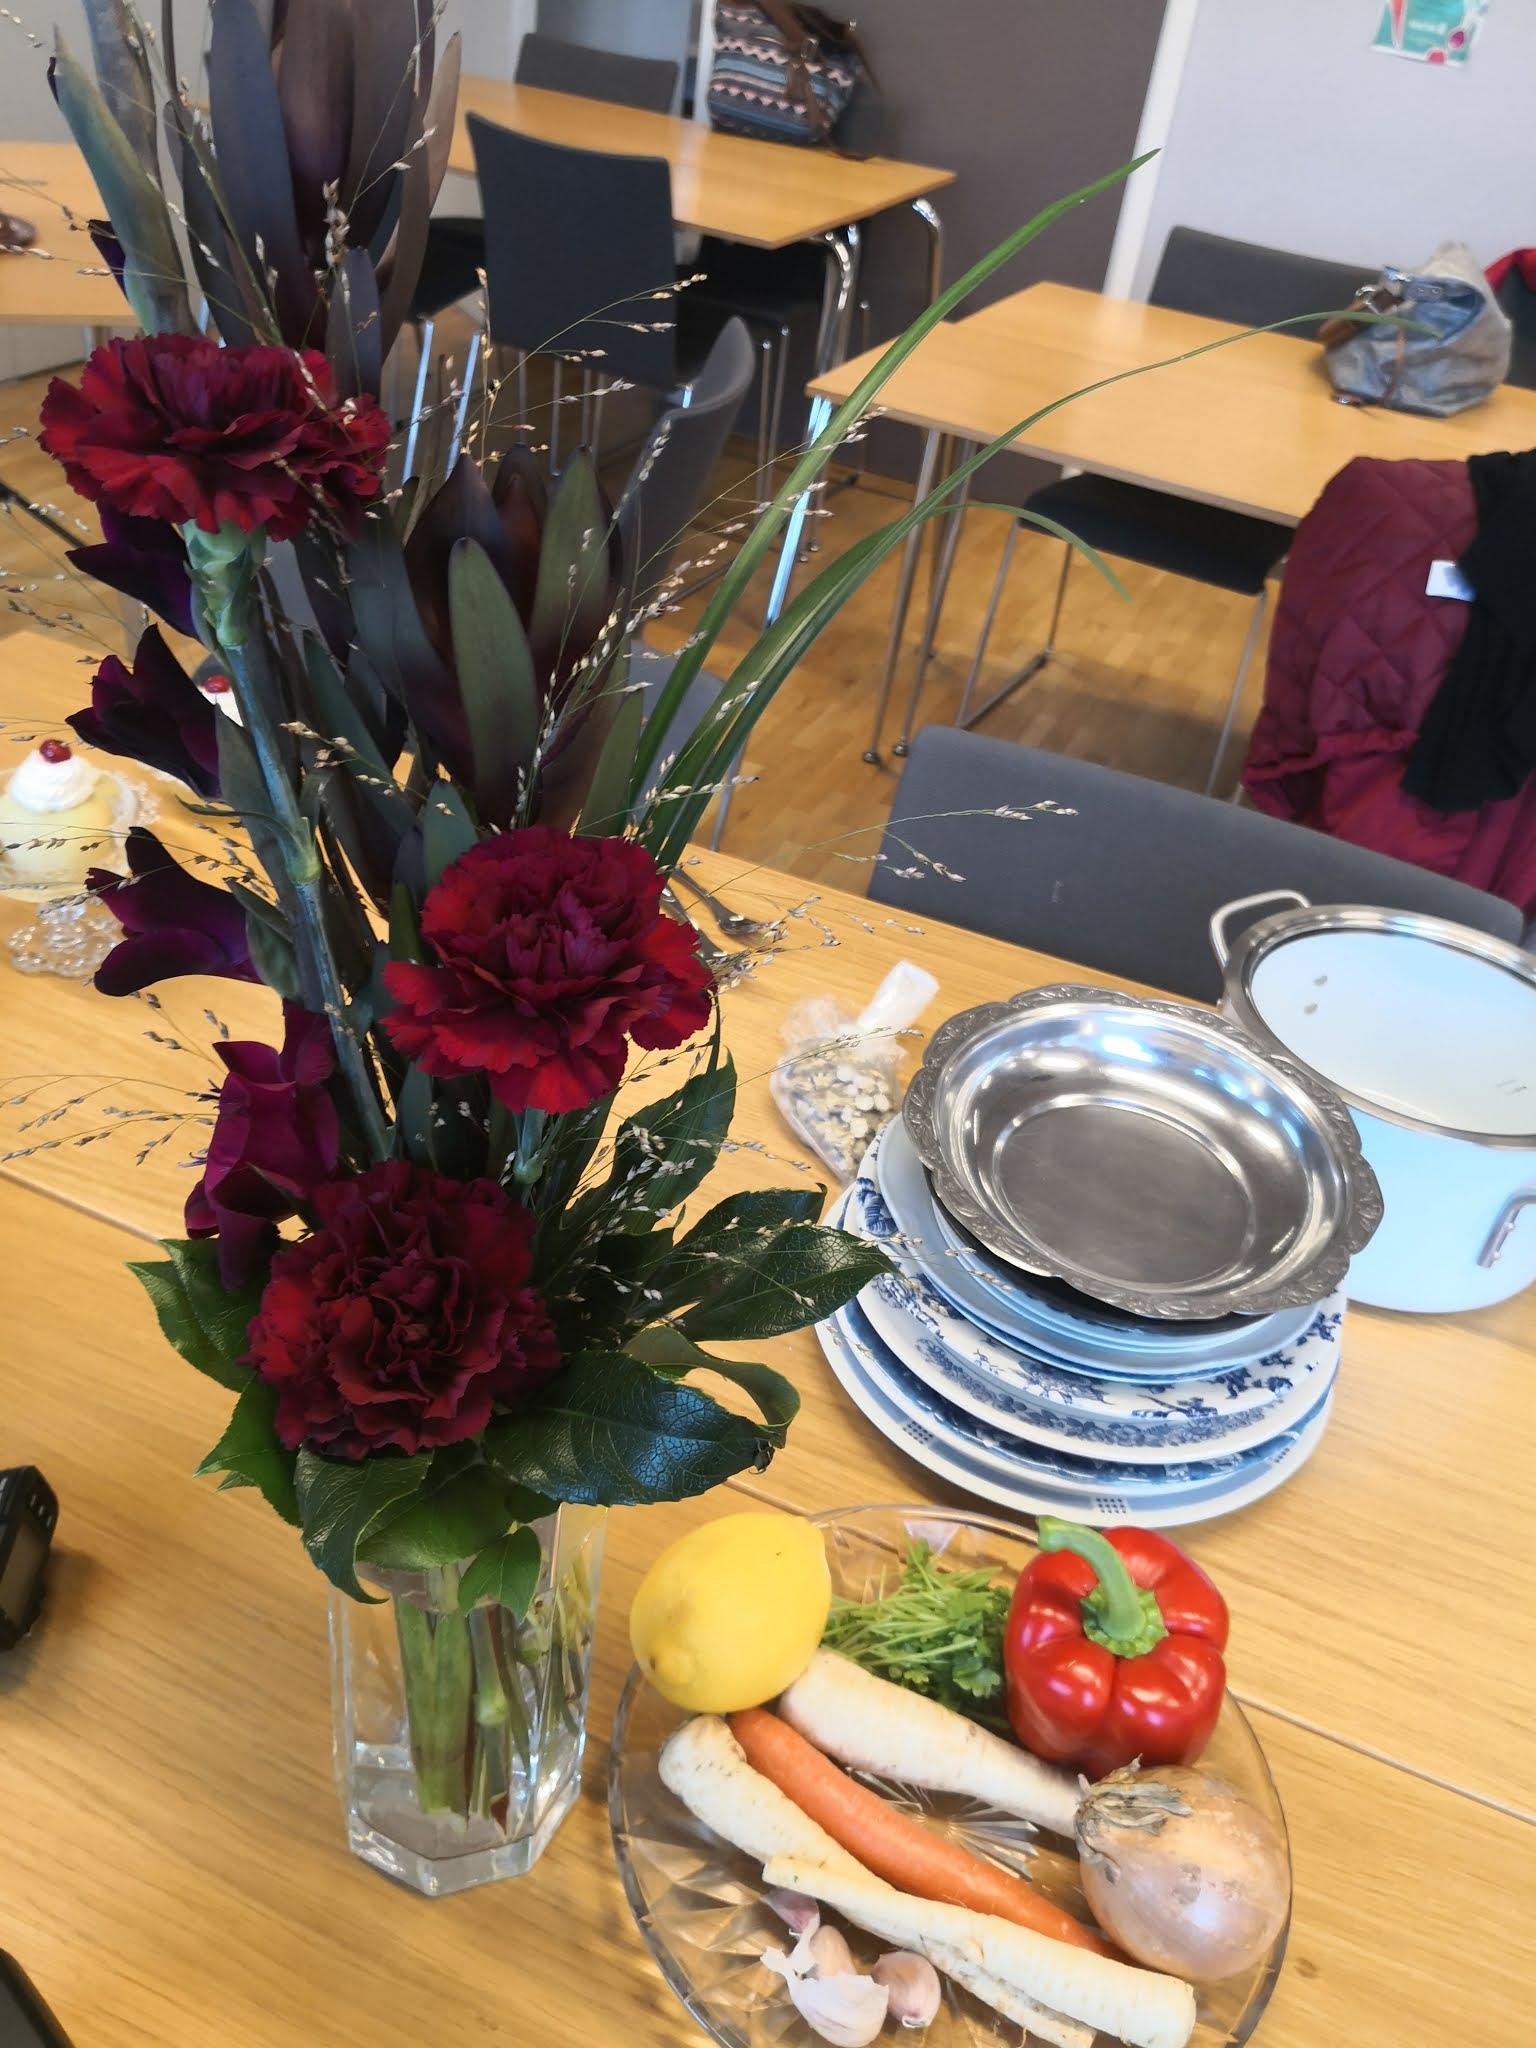 Bosnian ruokakirjaprojekti, Graanin Kukka Roosa- kukkakauppa